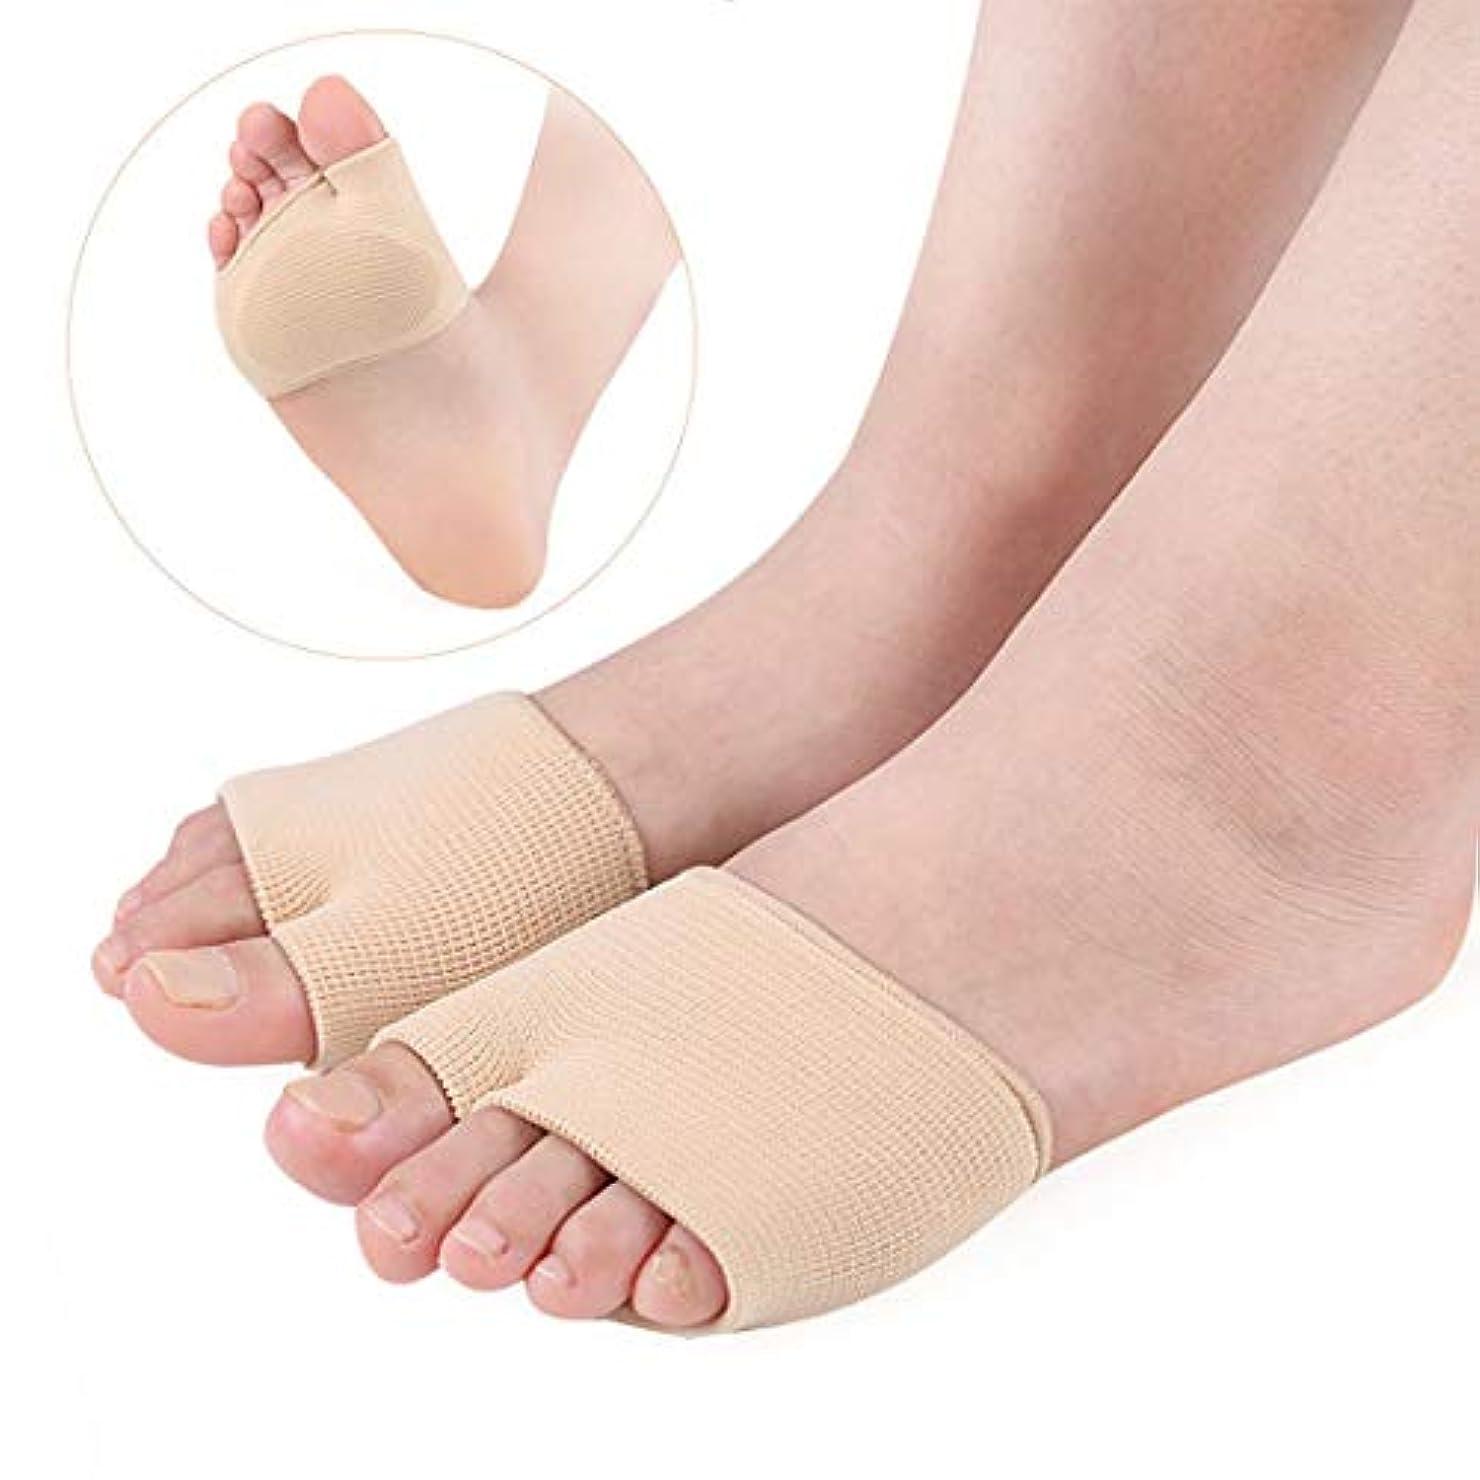 呪い盗難ジャーナリスト腱膜瘤矯正と腱膜瘤救済、女性と男性のための整形外科の足の親指矯正、昼夜のサポート、外反母Valの治療と予防,S